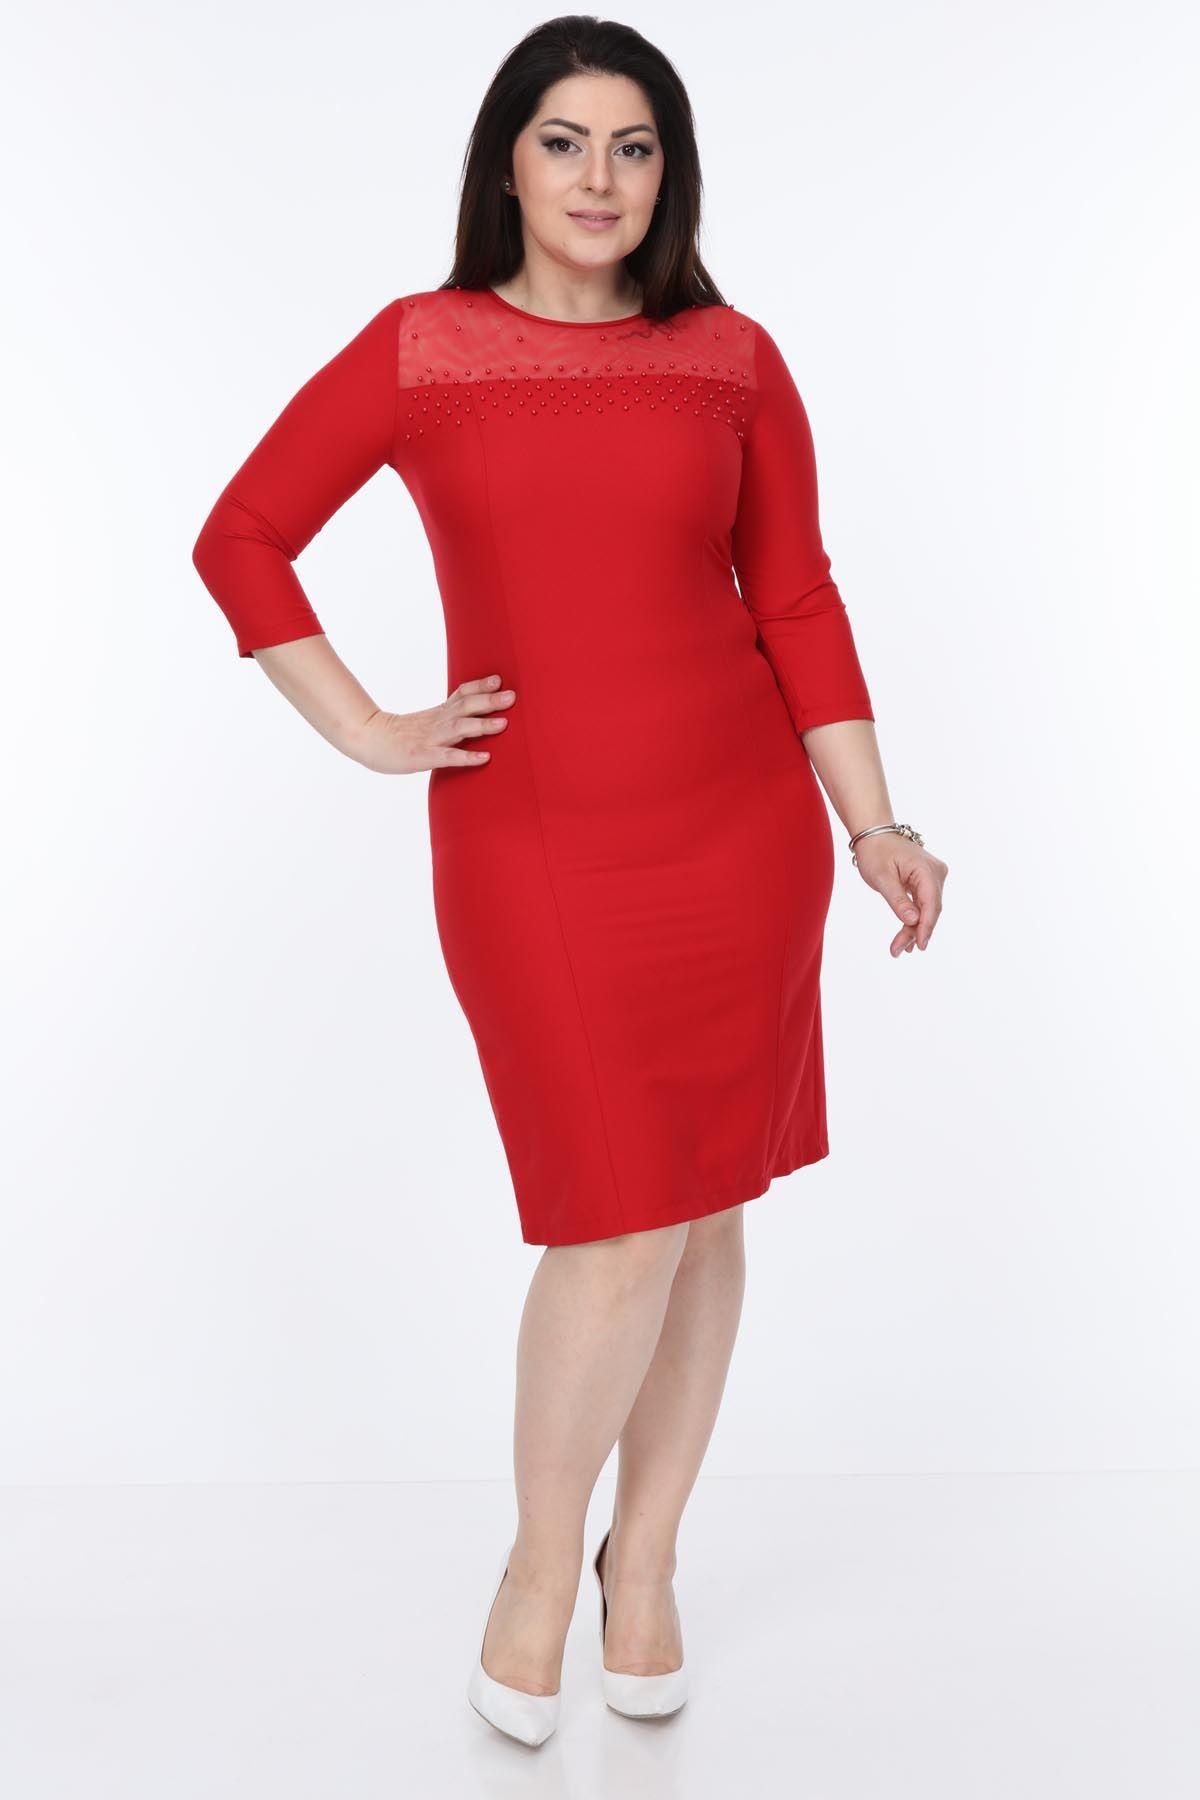 Kırmızı İncili Elbise 4C-1053